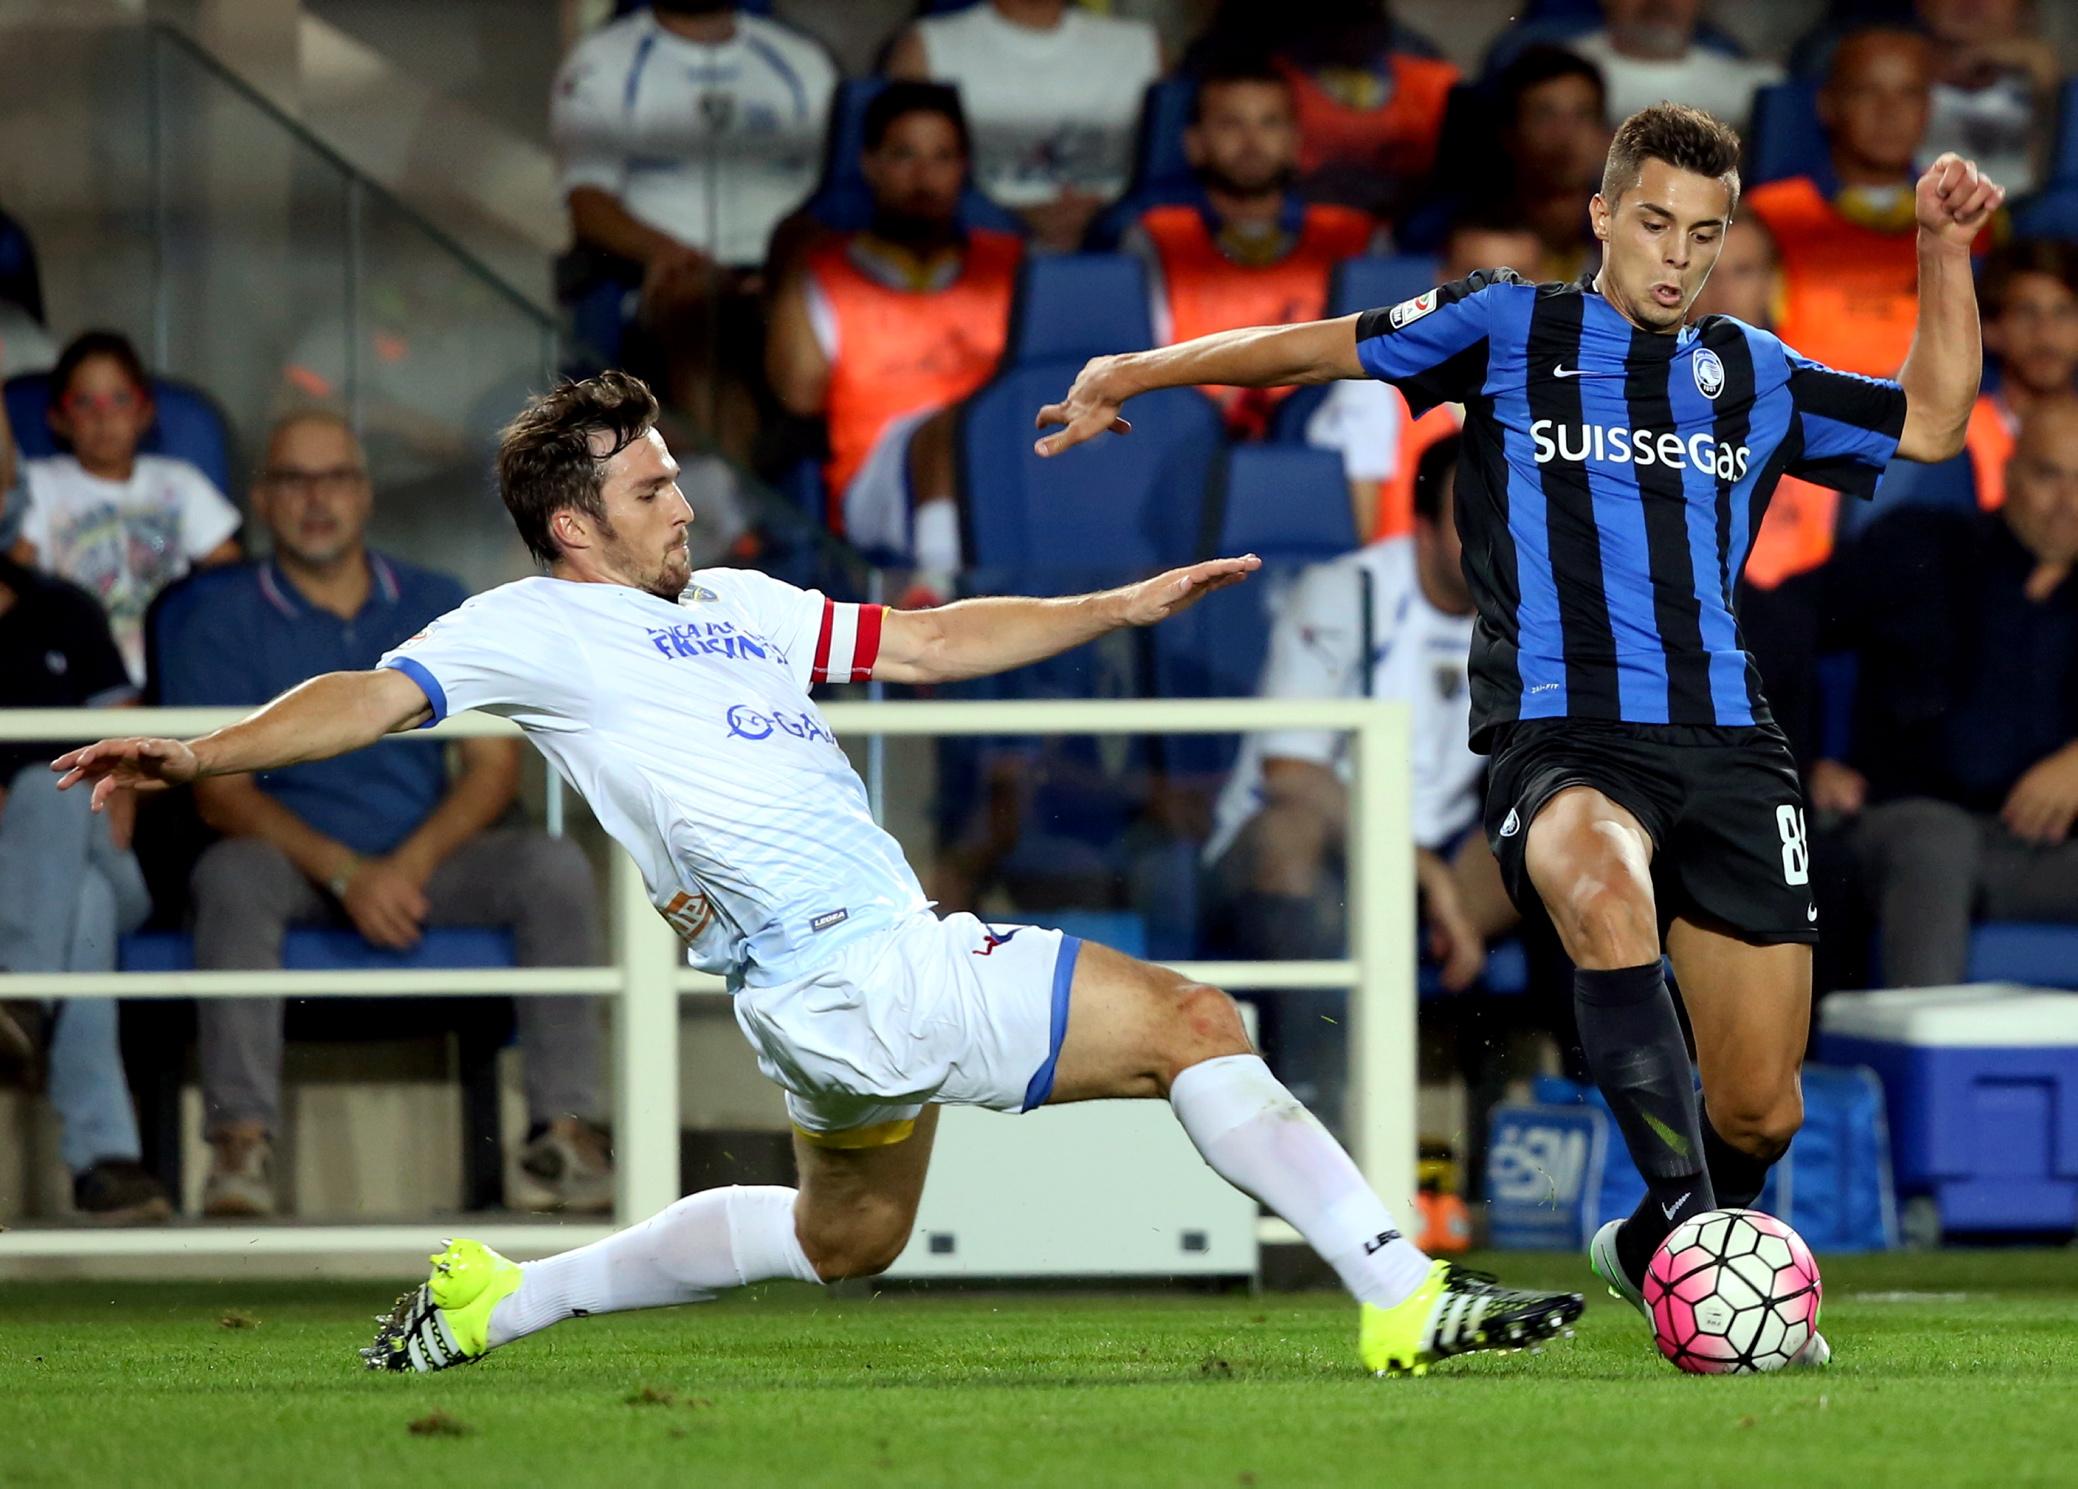 Italian Soccer Serie A - Atalanta vs Frosinone